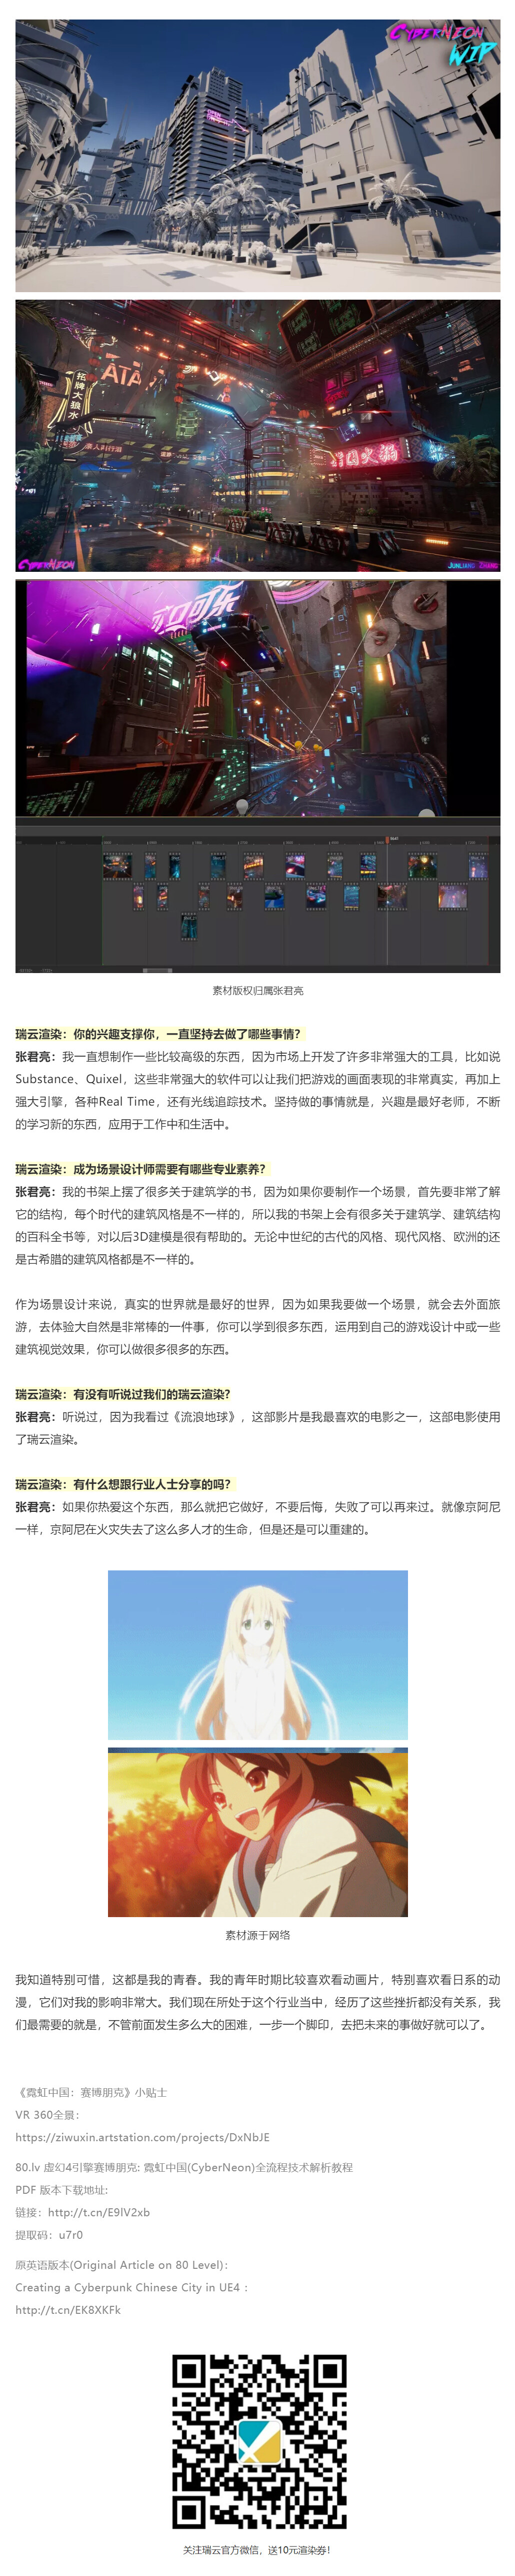 Junliang zhang 4